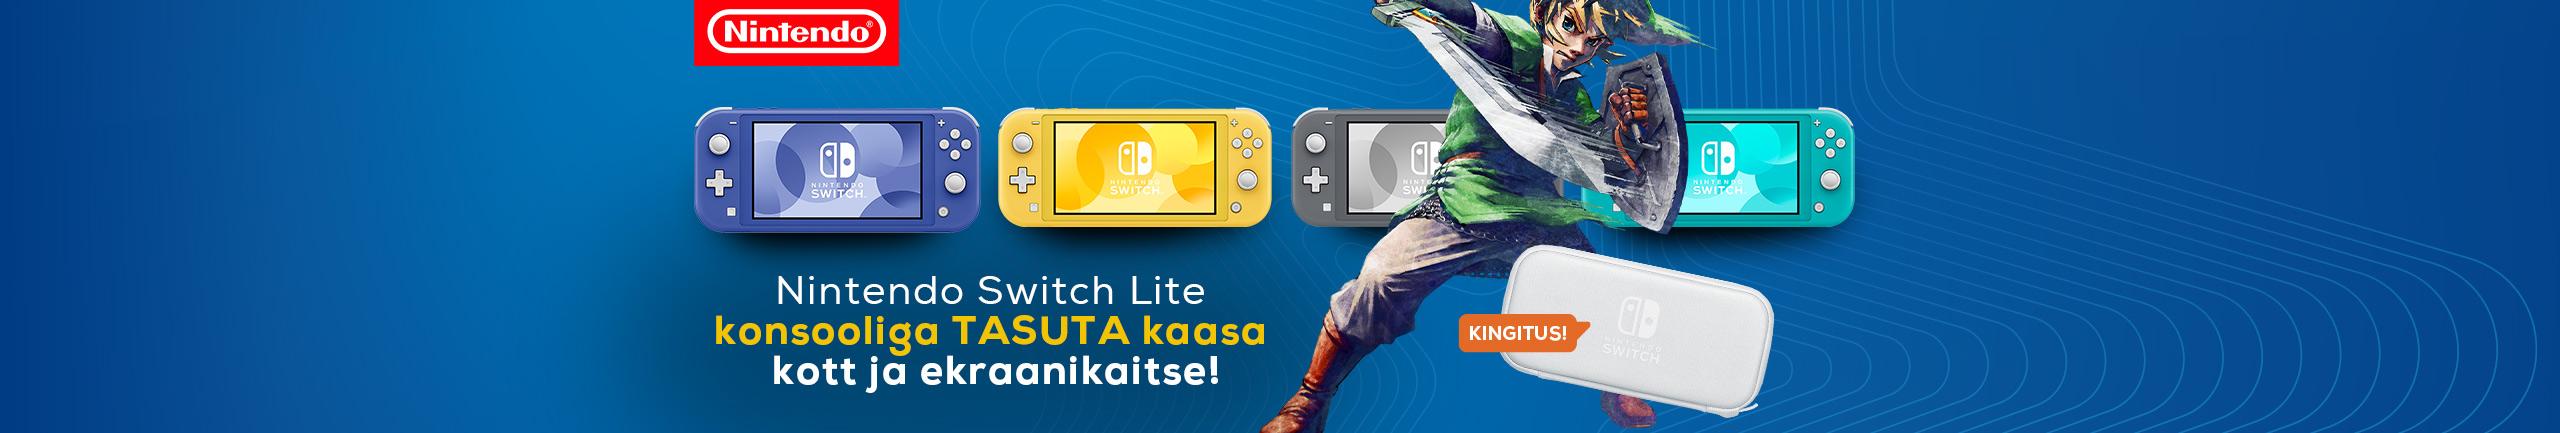 Nintendo Switch Lite konsooliga kaasa kott ja ekraanikaitse!